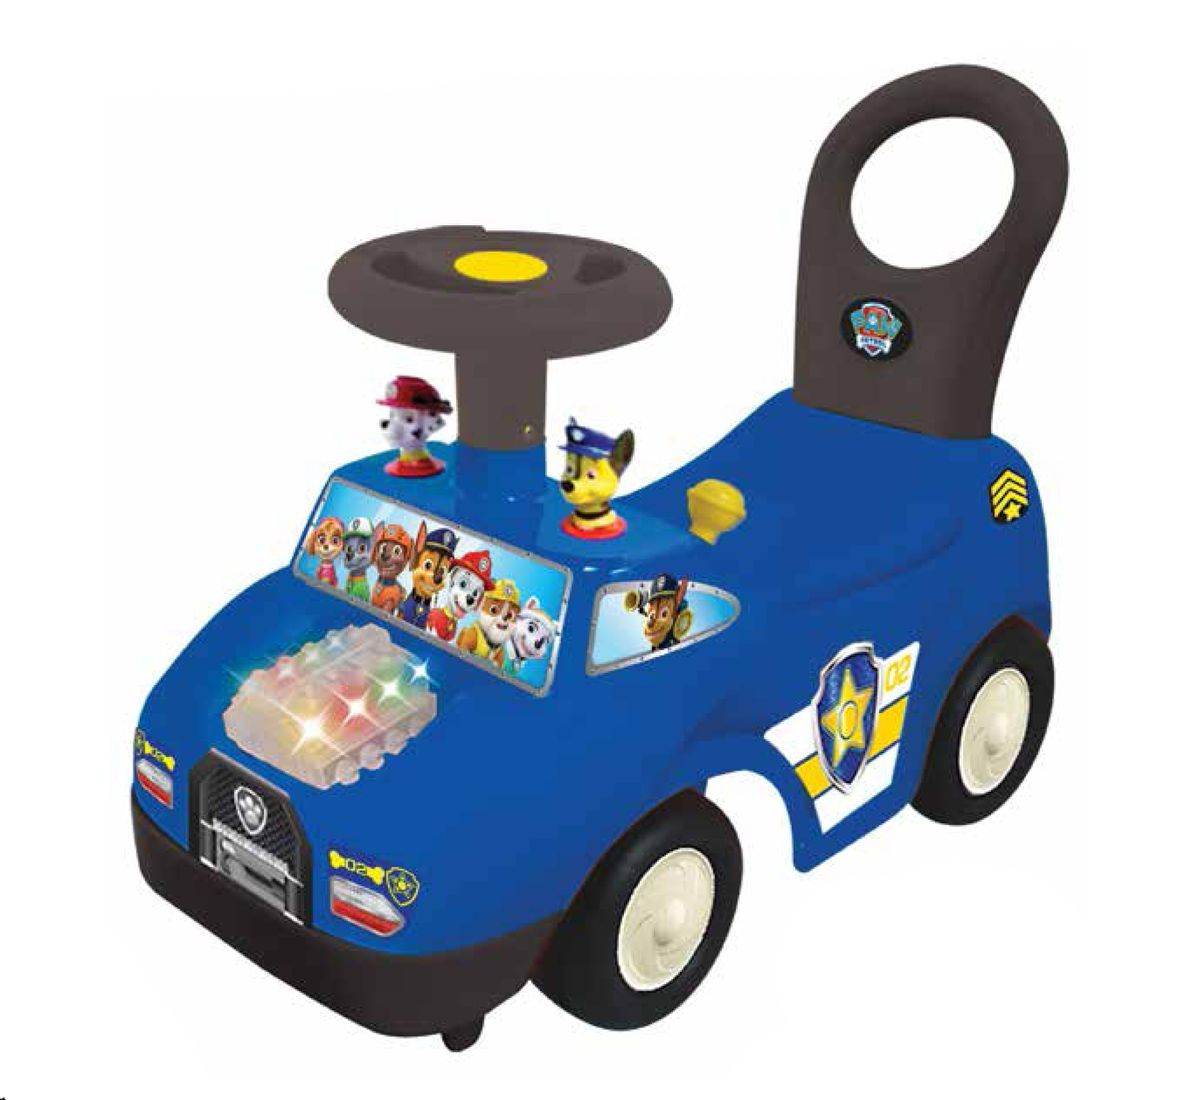 На панели управления размещены приборы, огоньки поворотов и множество функциональных кнопок. Машинка будет развивать у ребенка подвижность, активность и дарить ему веселое настроение.